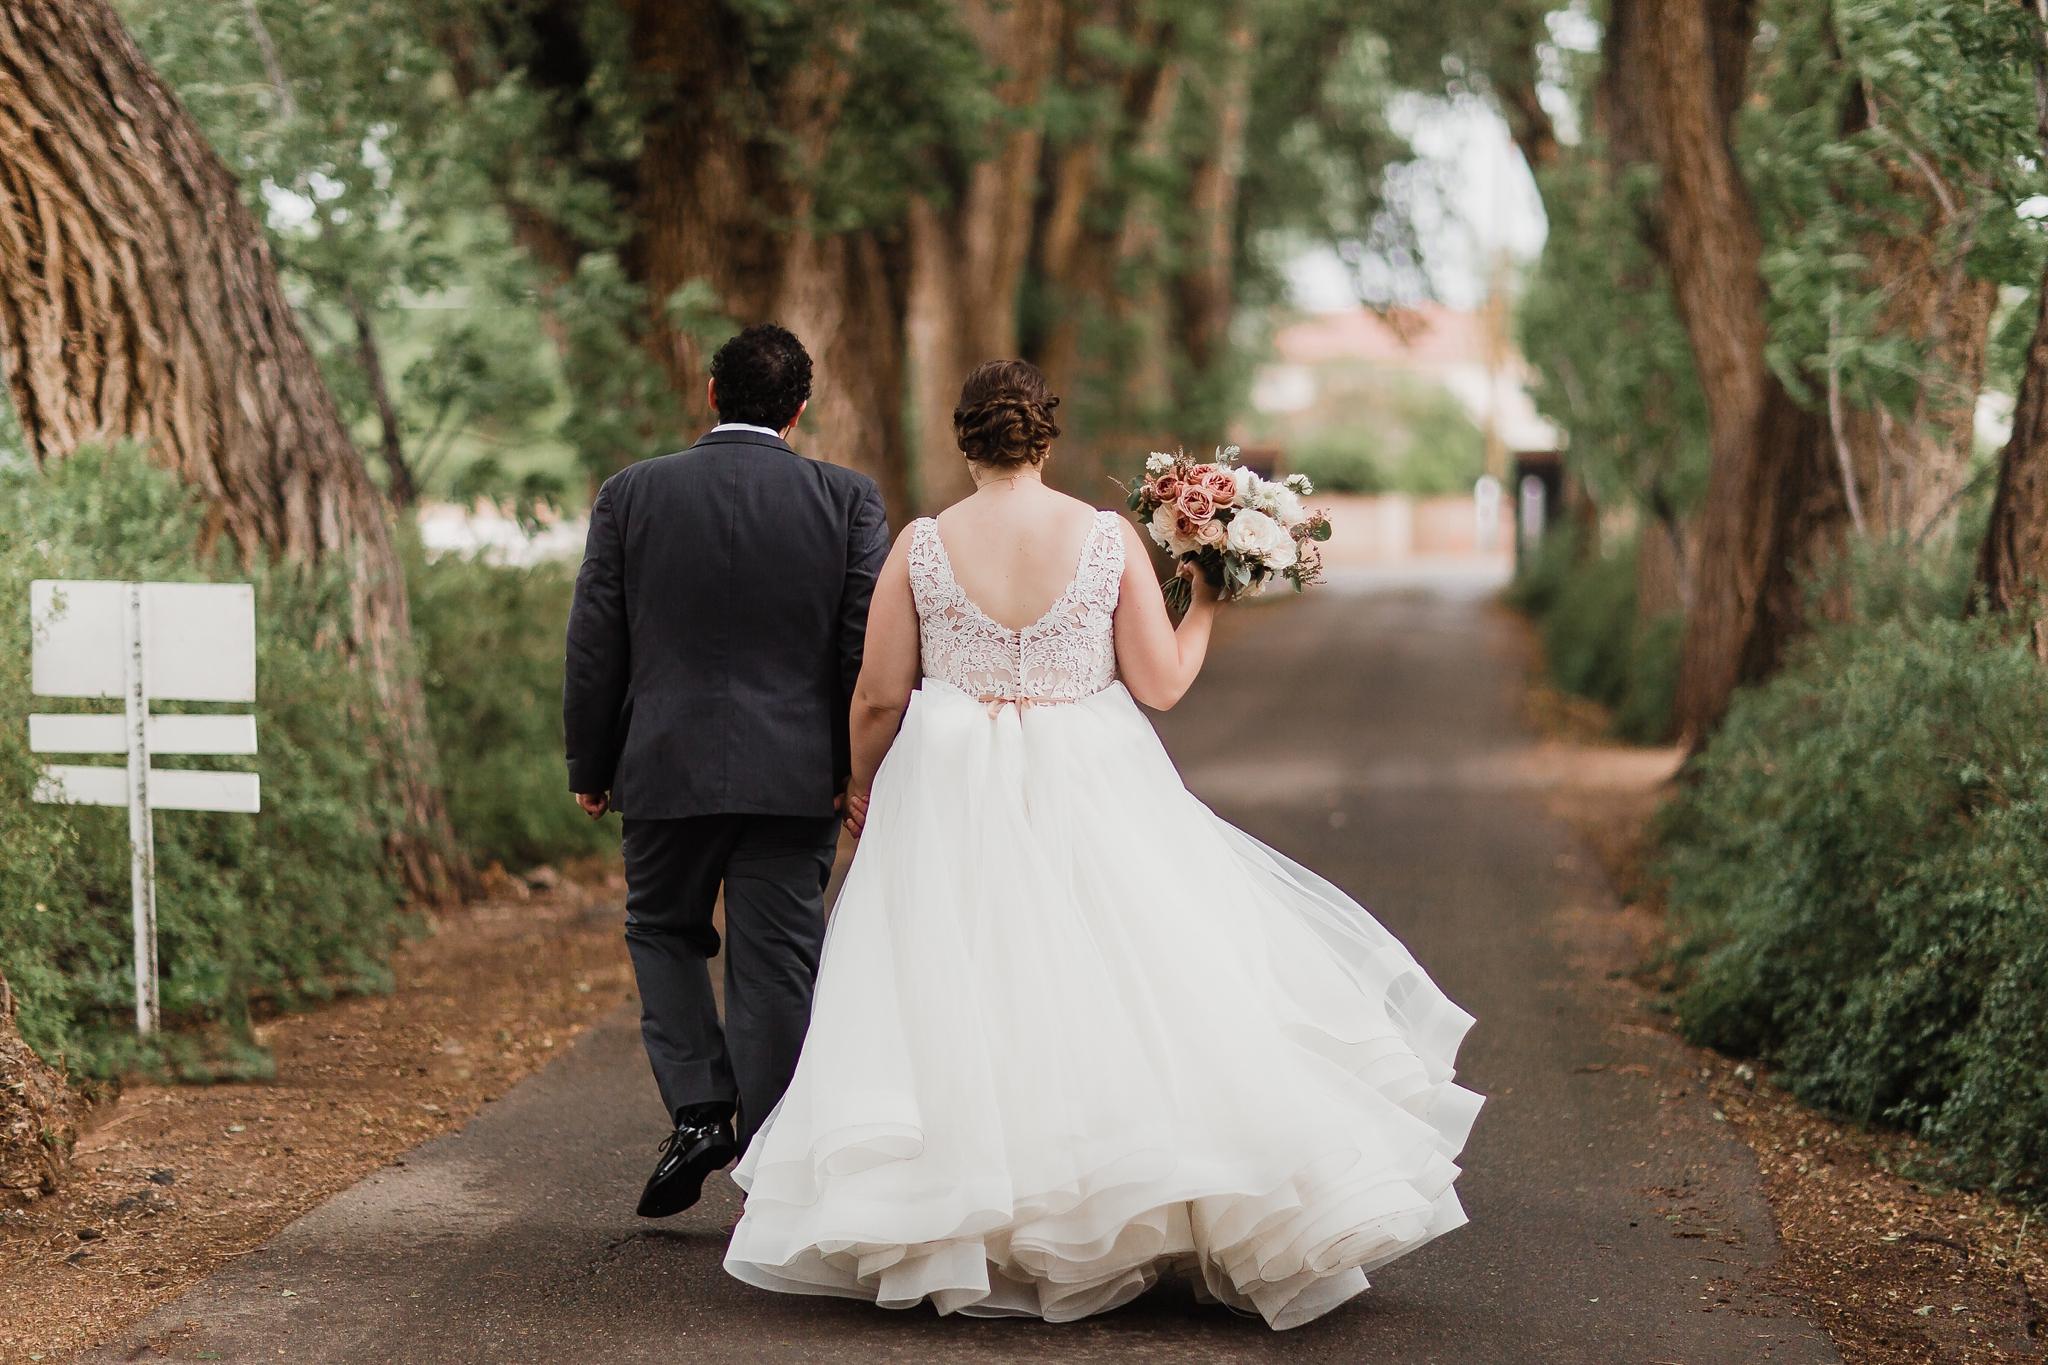 Alicia+lucia+photography+-+albuquerque+wedding+photographer+-+santa+fe+wedding+photography+-+new+mexico+wedding+photographer+-+new+mexico+wedding+-+summer+wedding+-+los+poblanos+wedding+-+albuquerque+wedding_0061.jpg